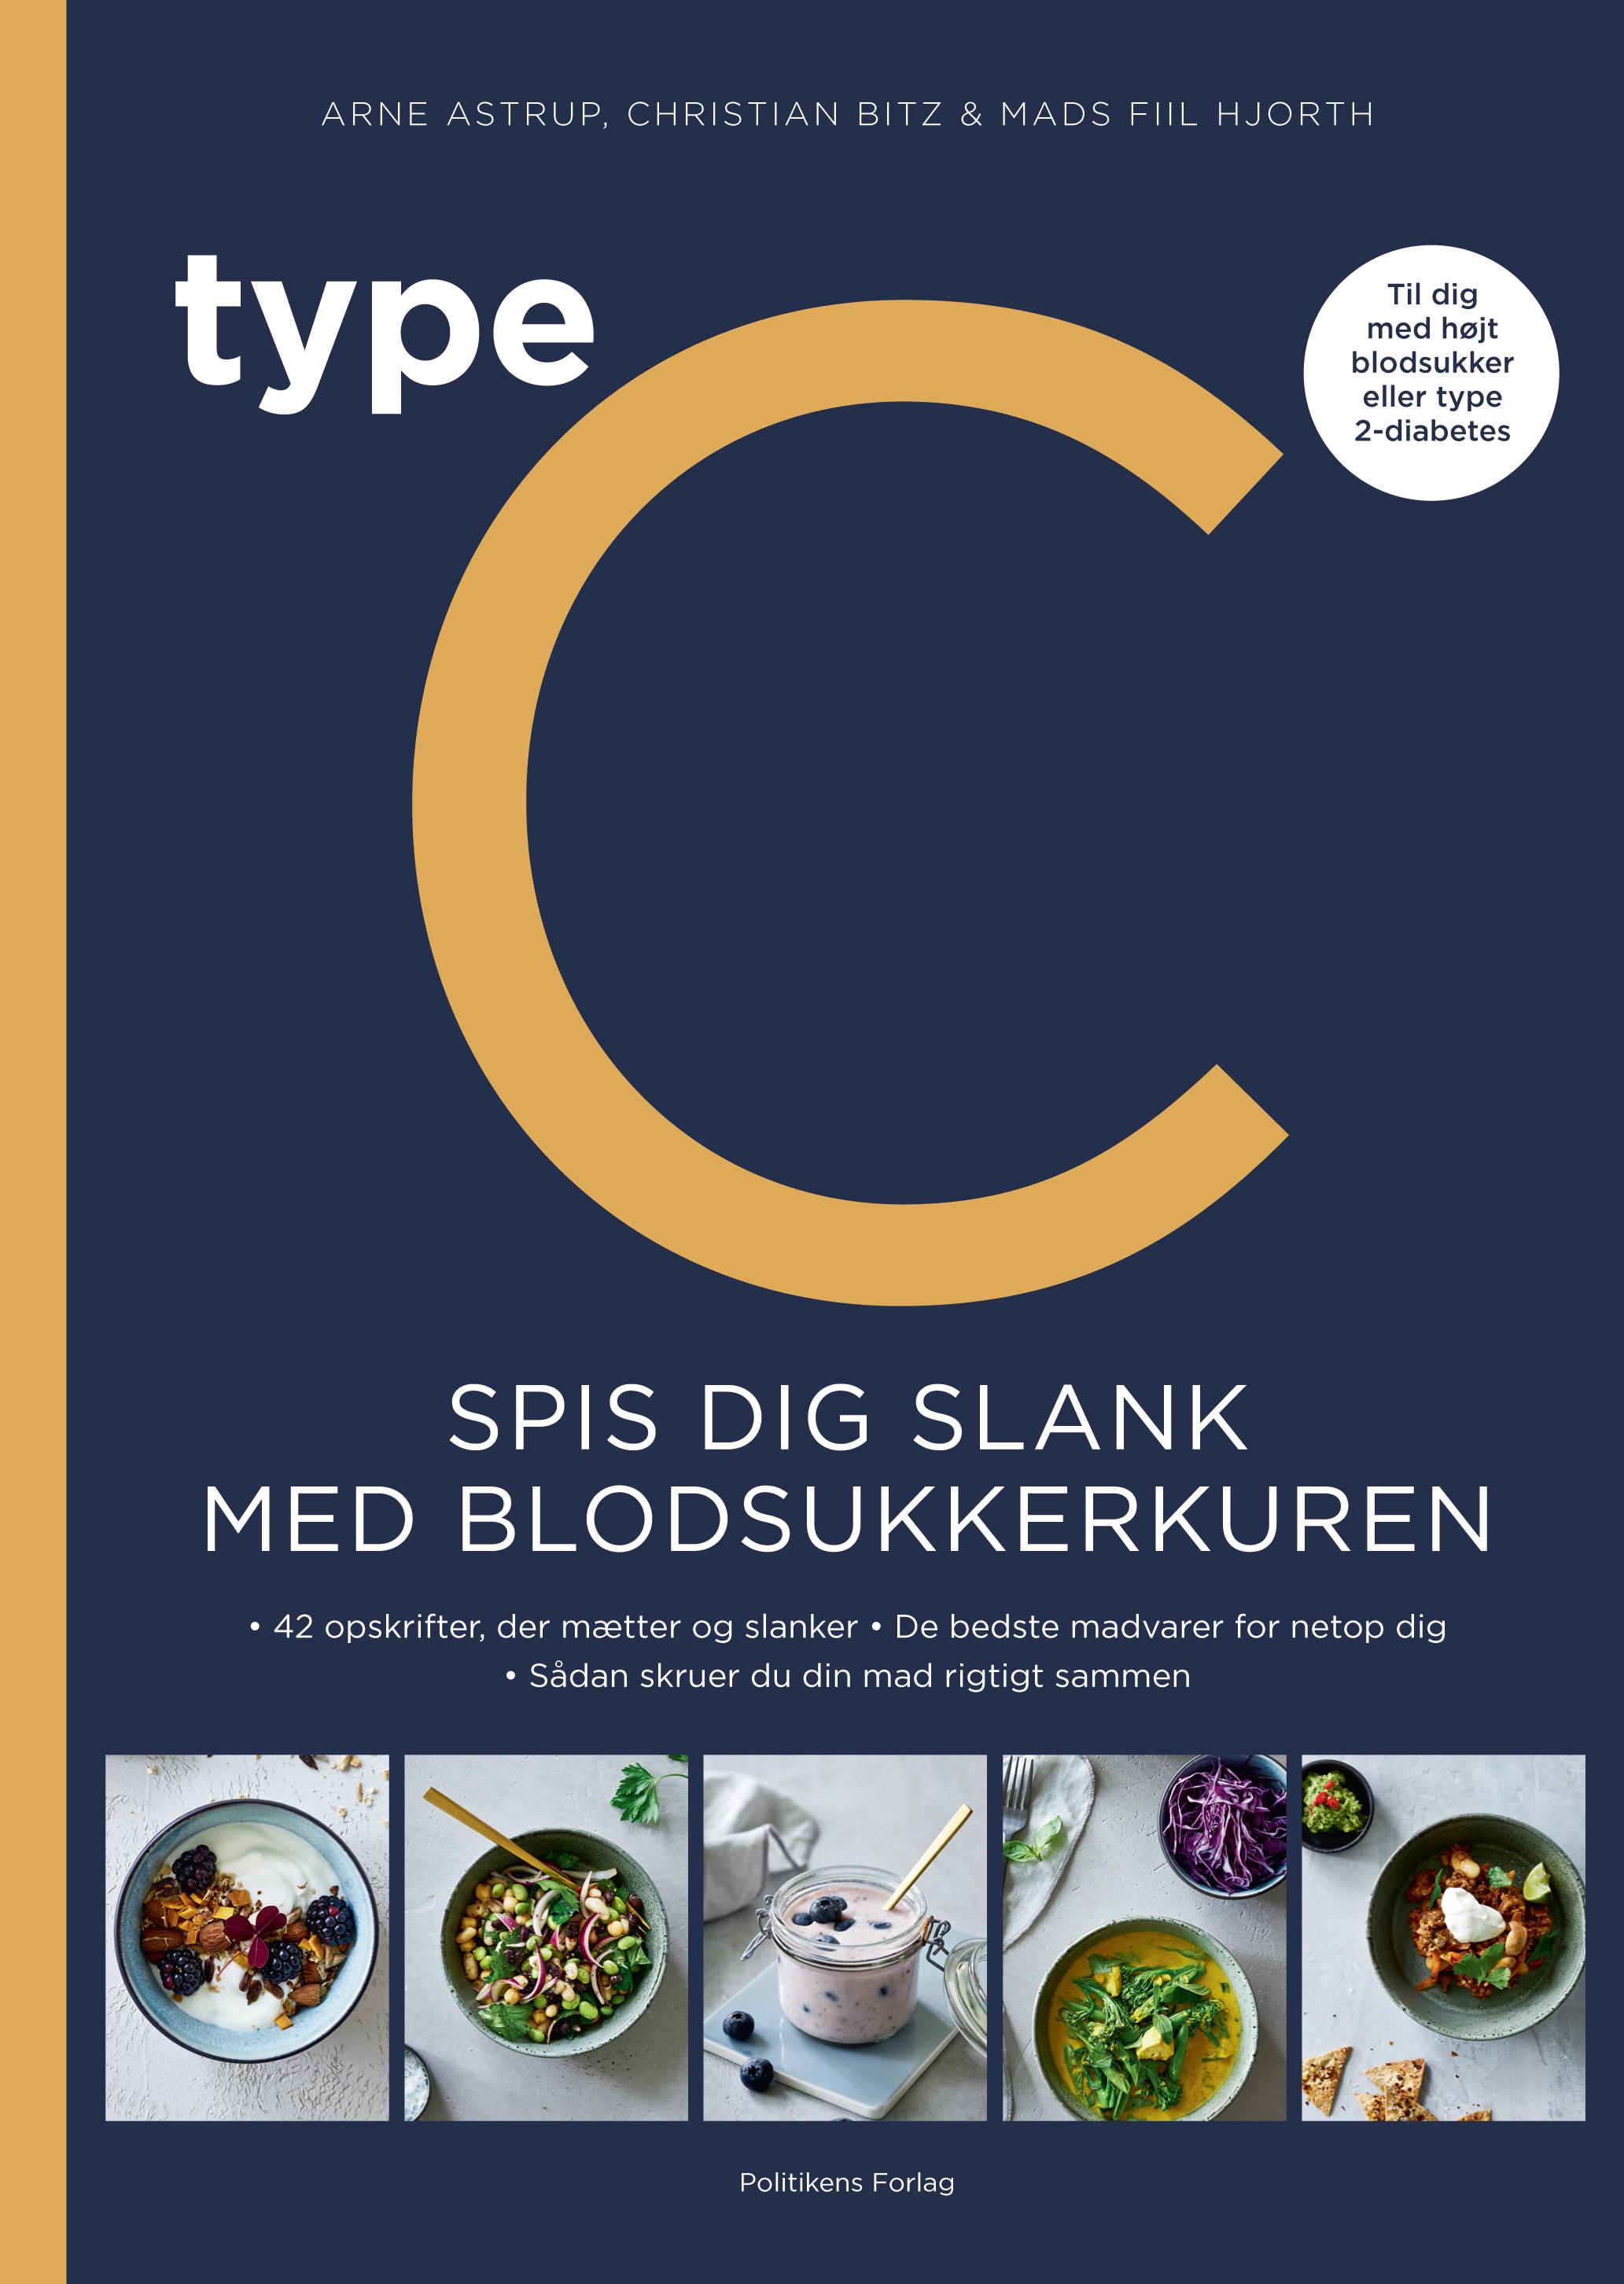 2012 og tiden efter - E-bog UDSALG - se tilbud og priser her | Prissammenligning